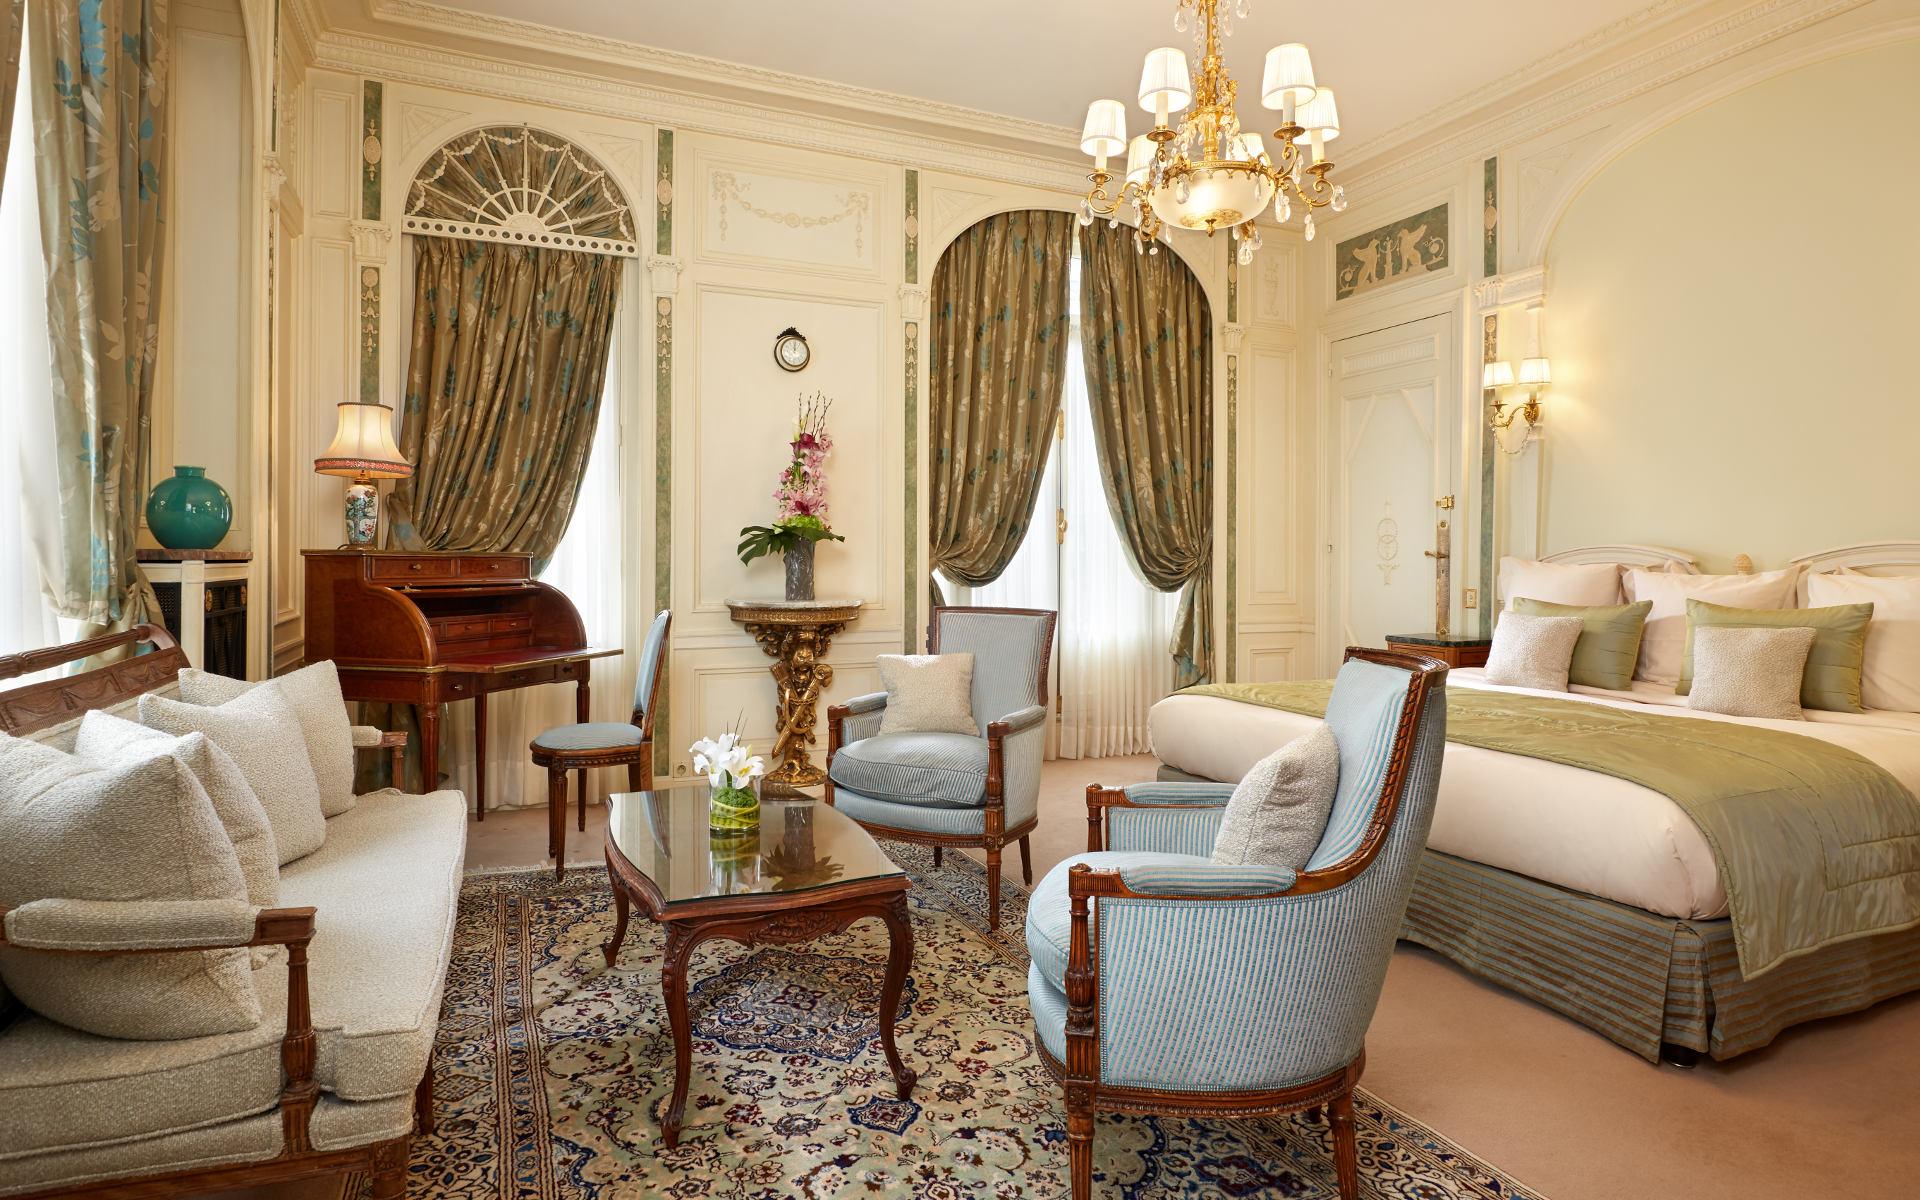 Les hôtels baverez hôtels de luxe paris